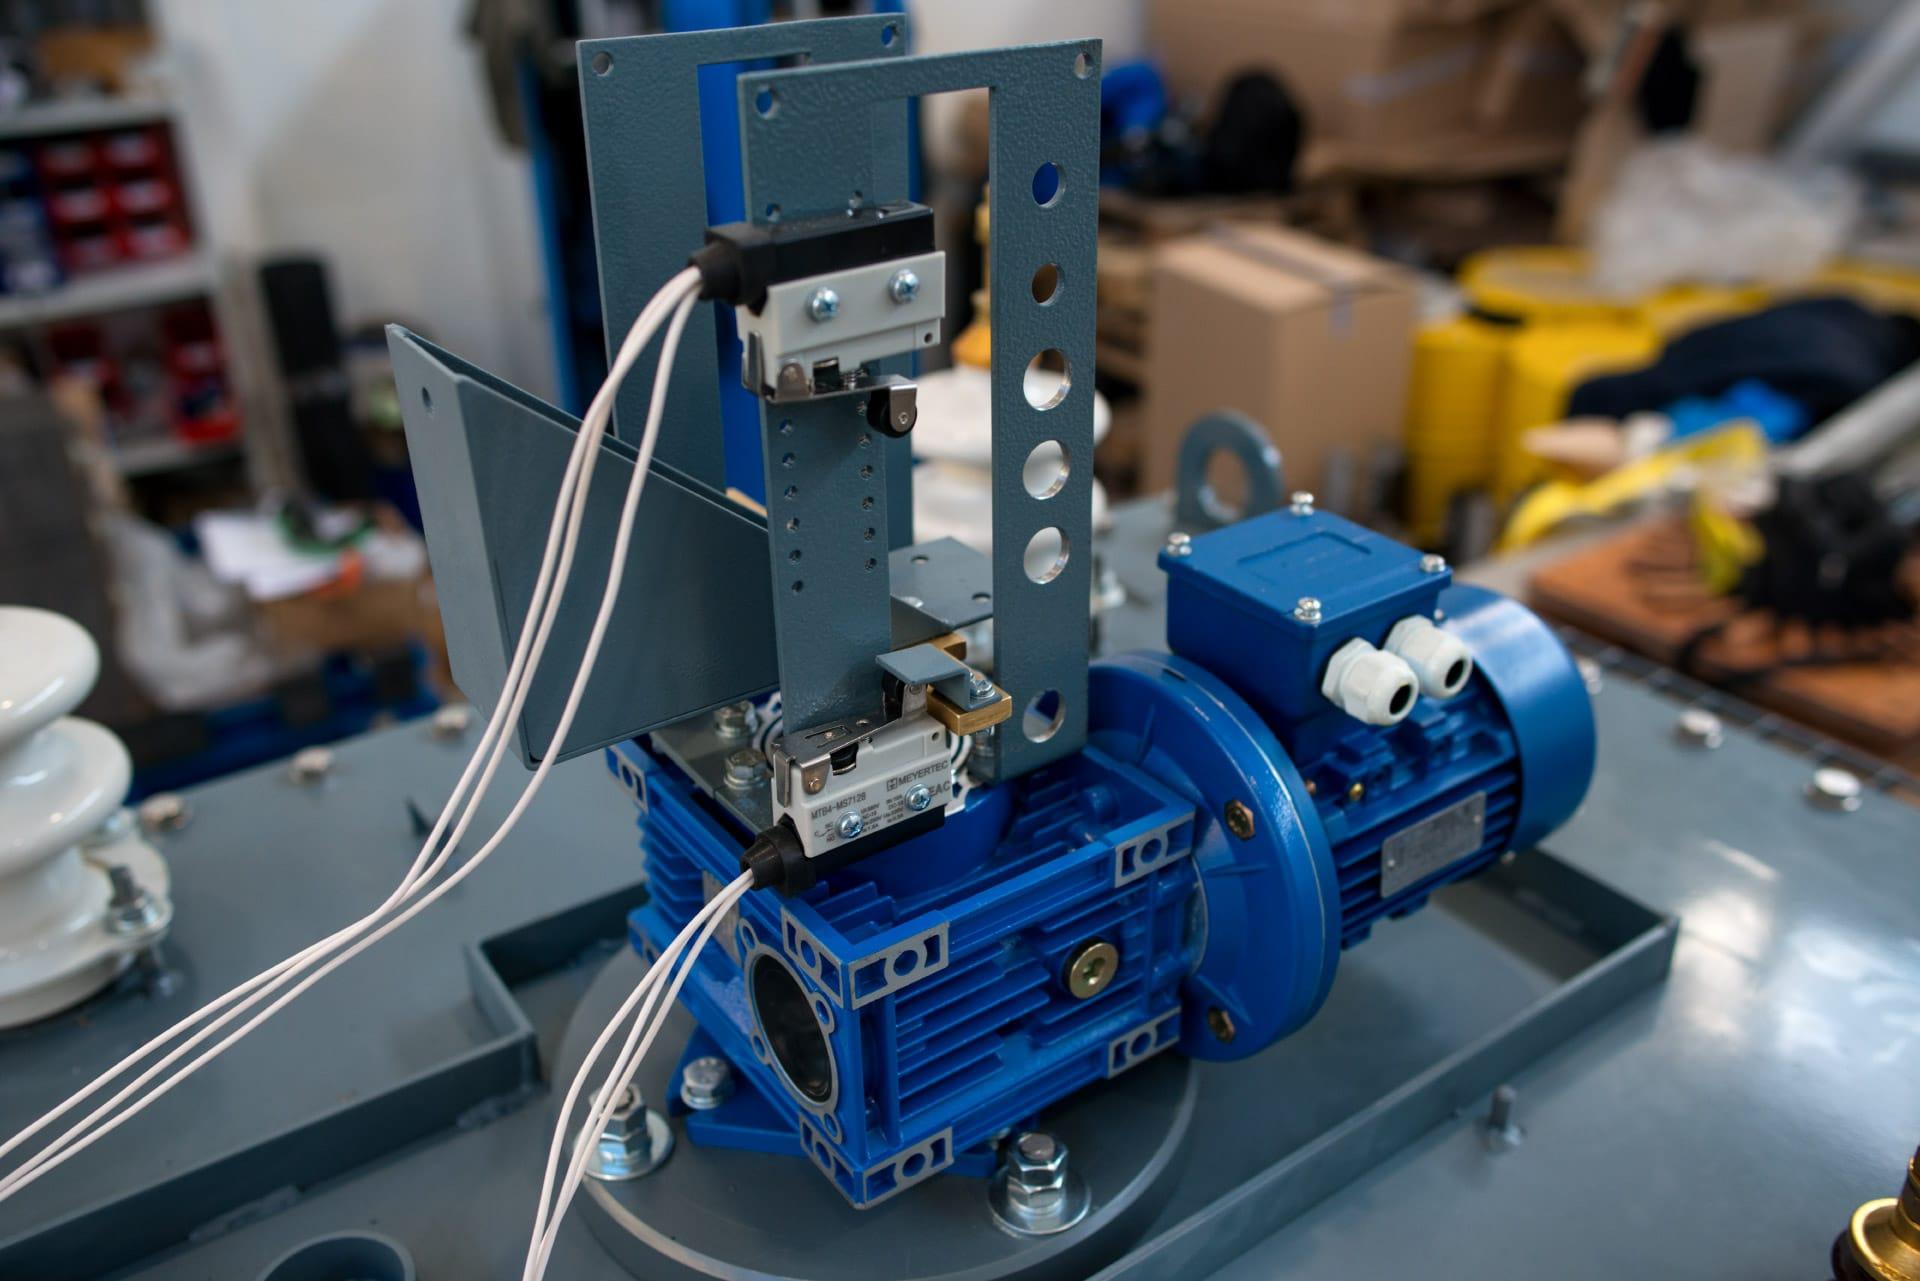 Ensons - Двигатель реактора с датчиками